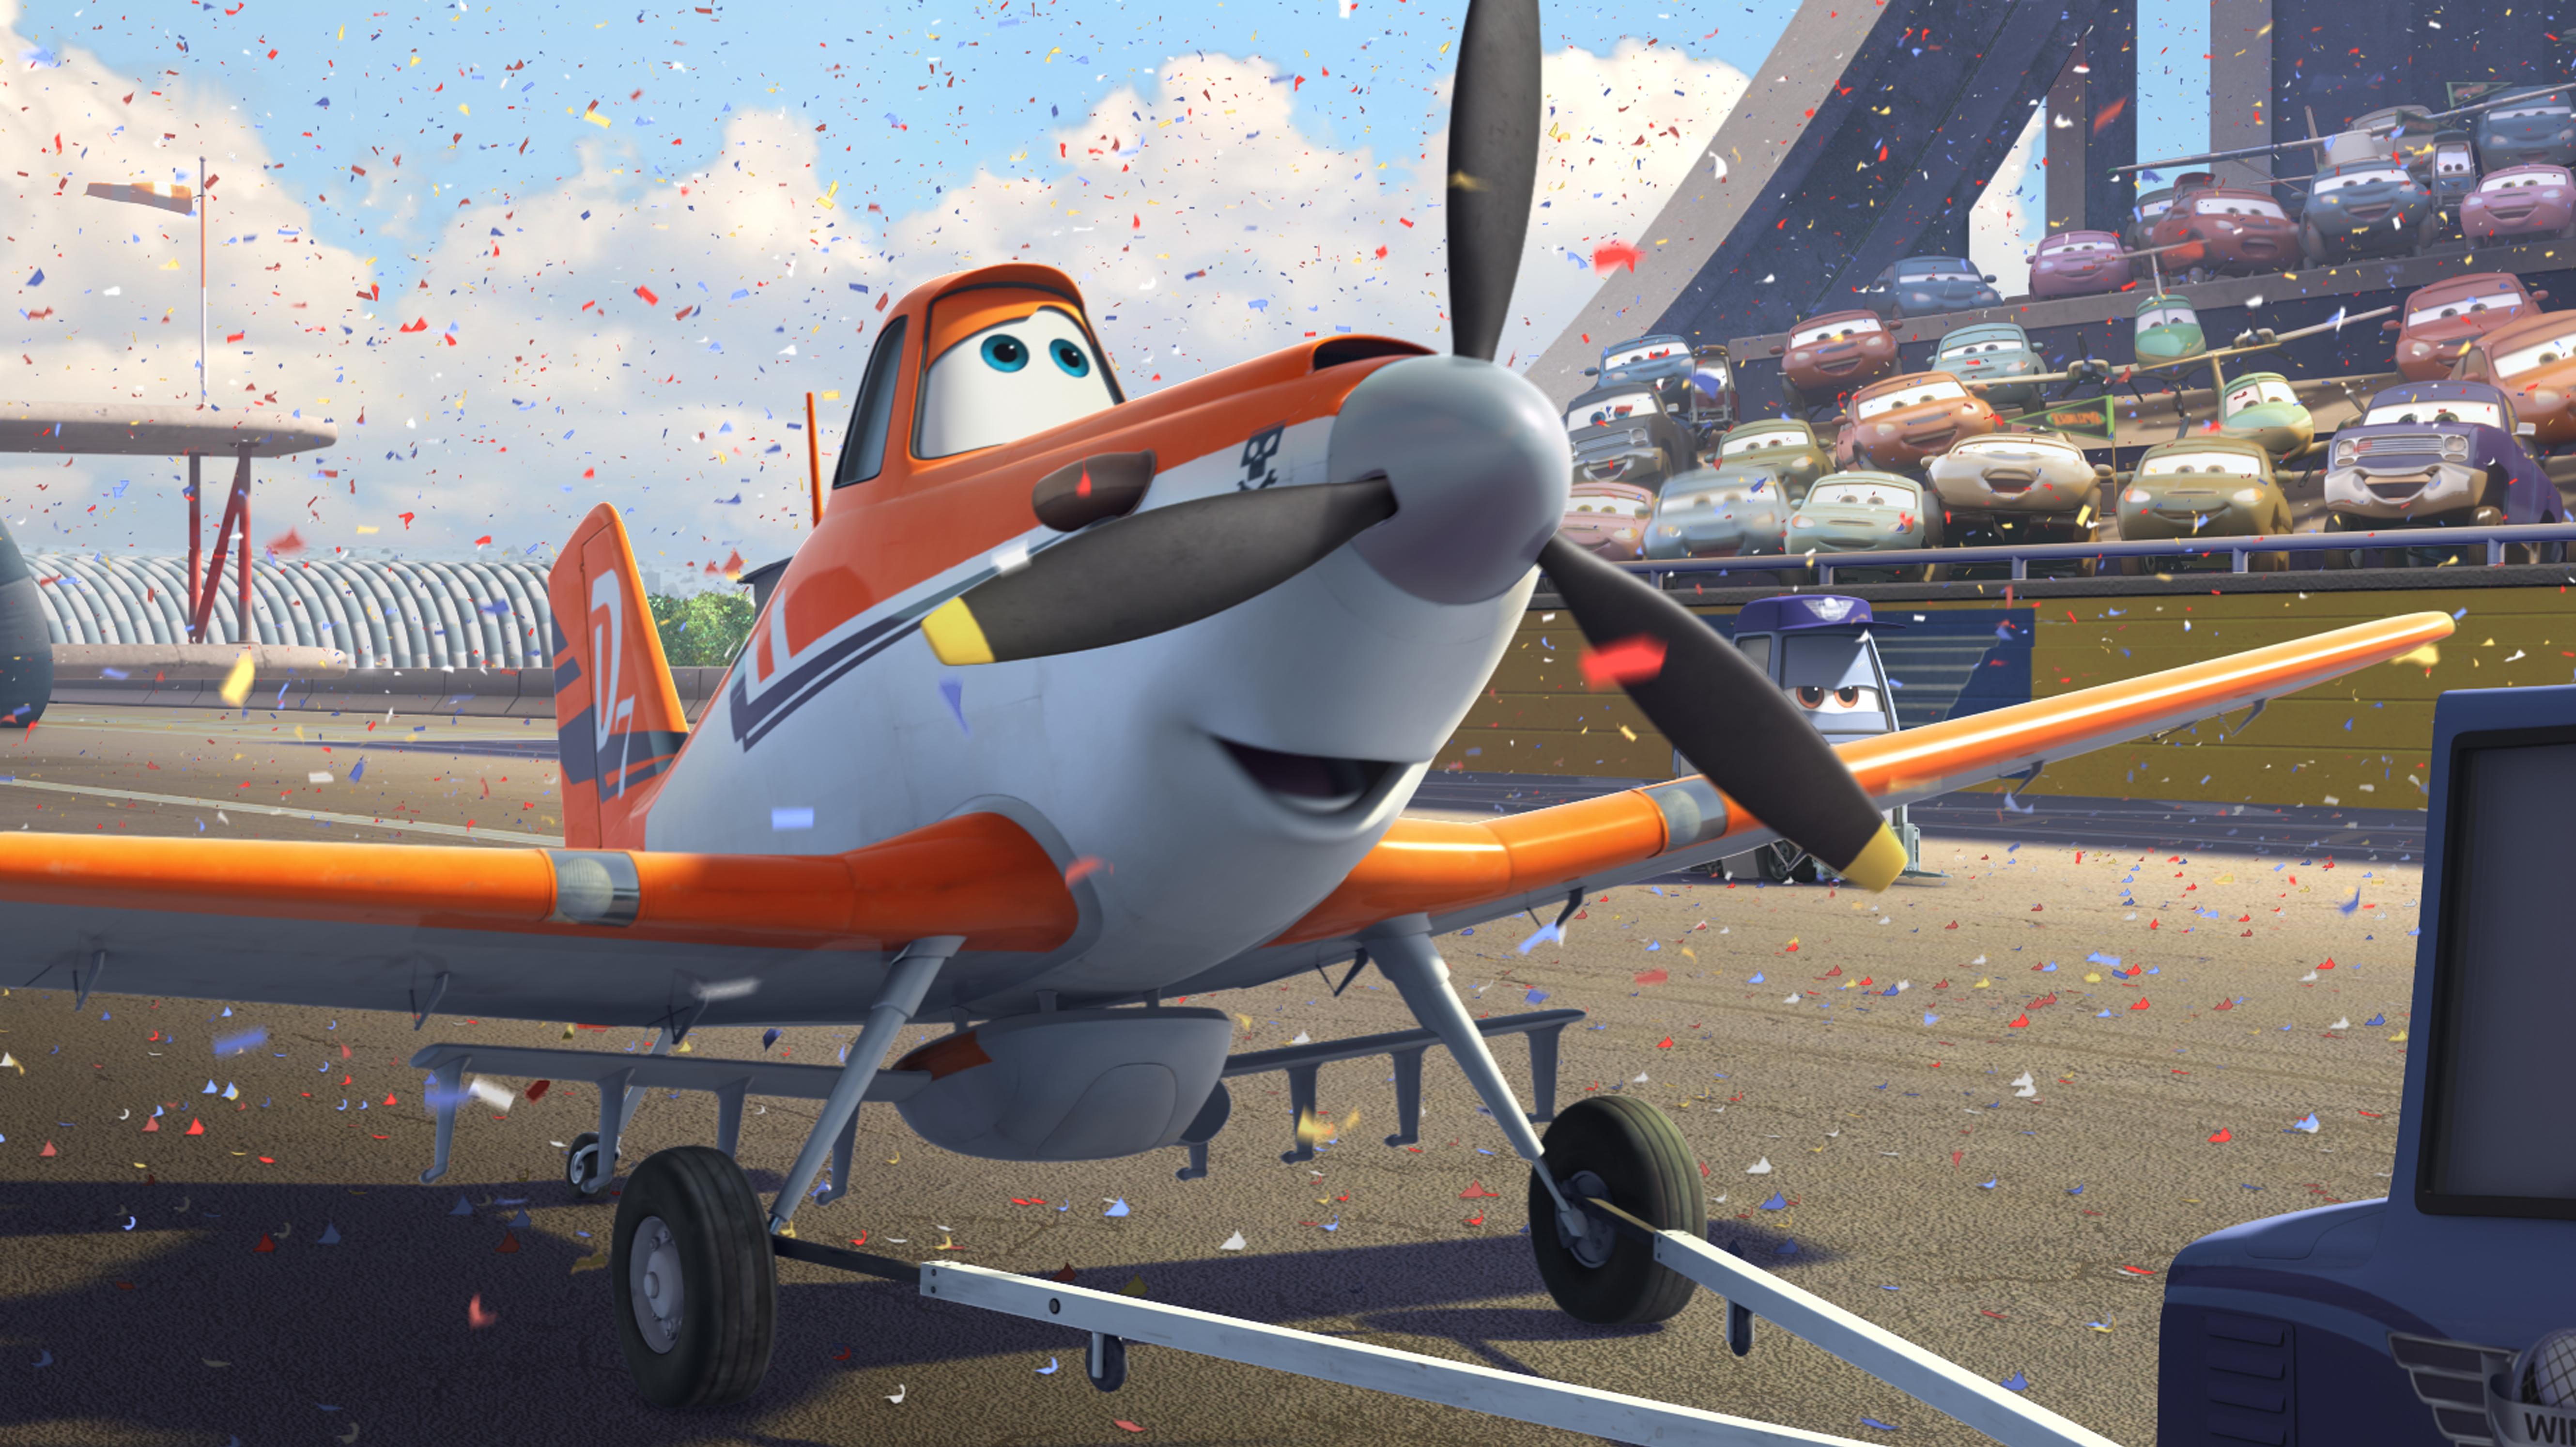 Planes' lacks originality, but fun enough for DVD | The Spokesman-Review